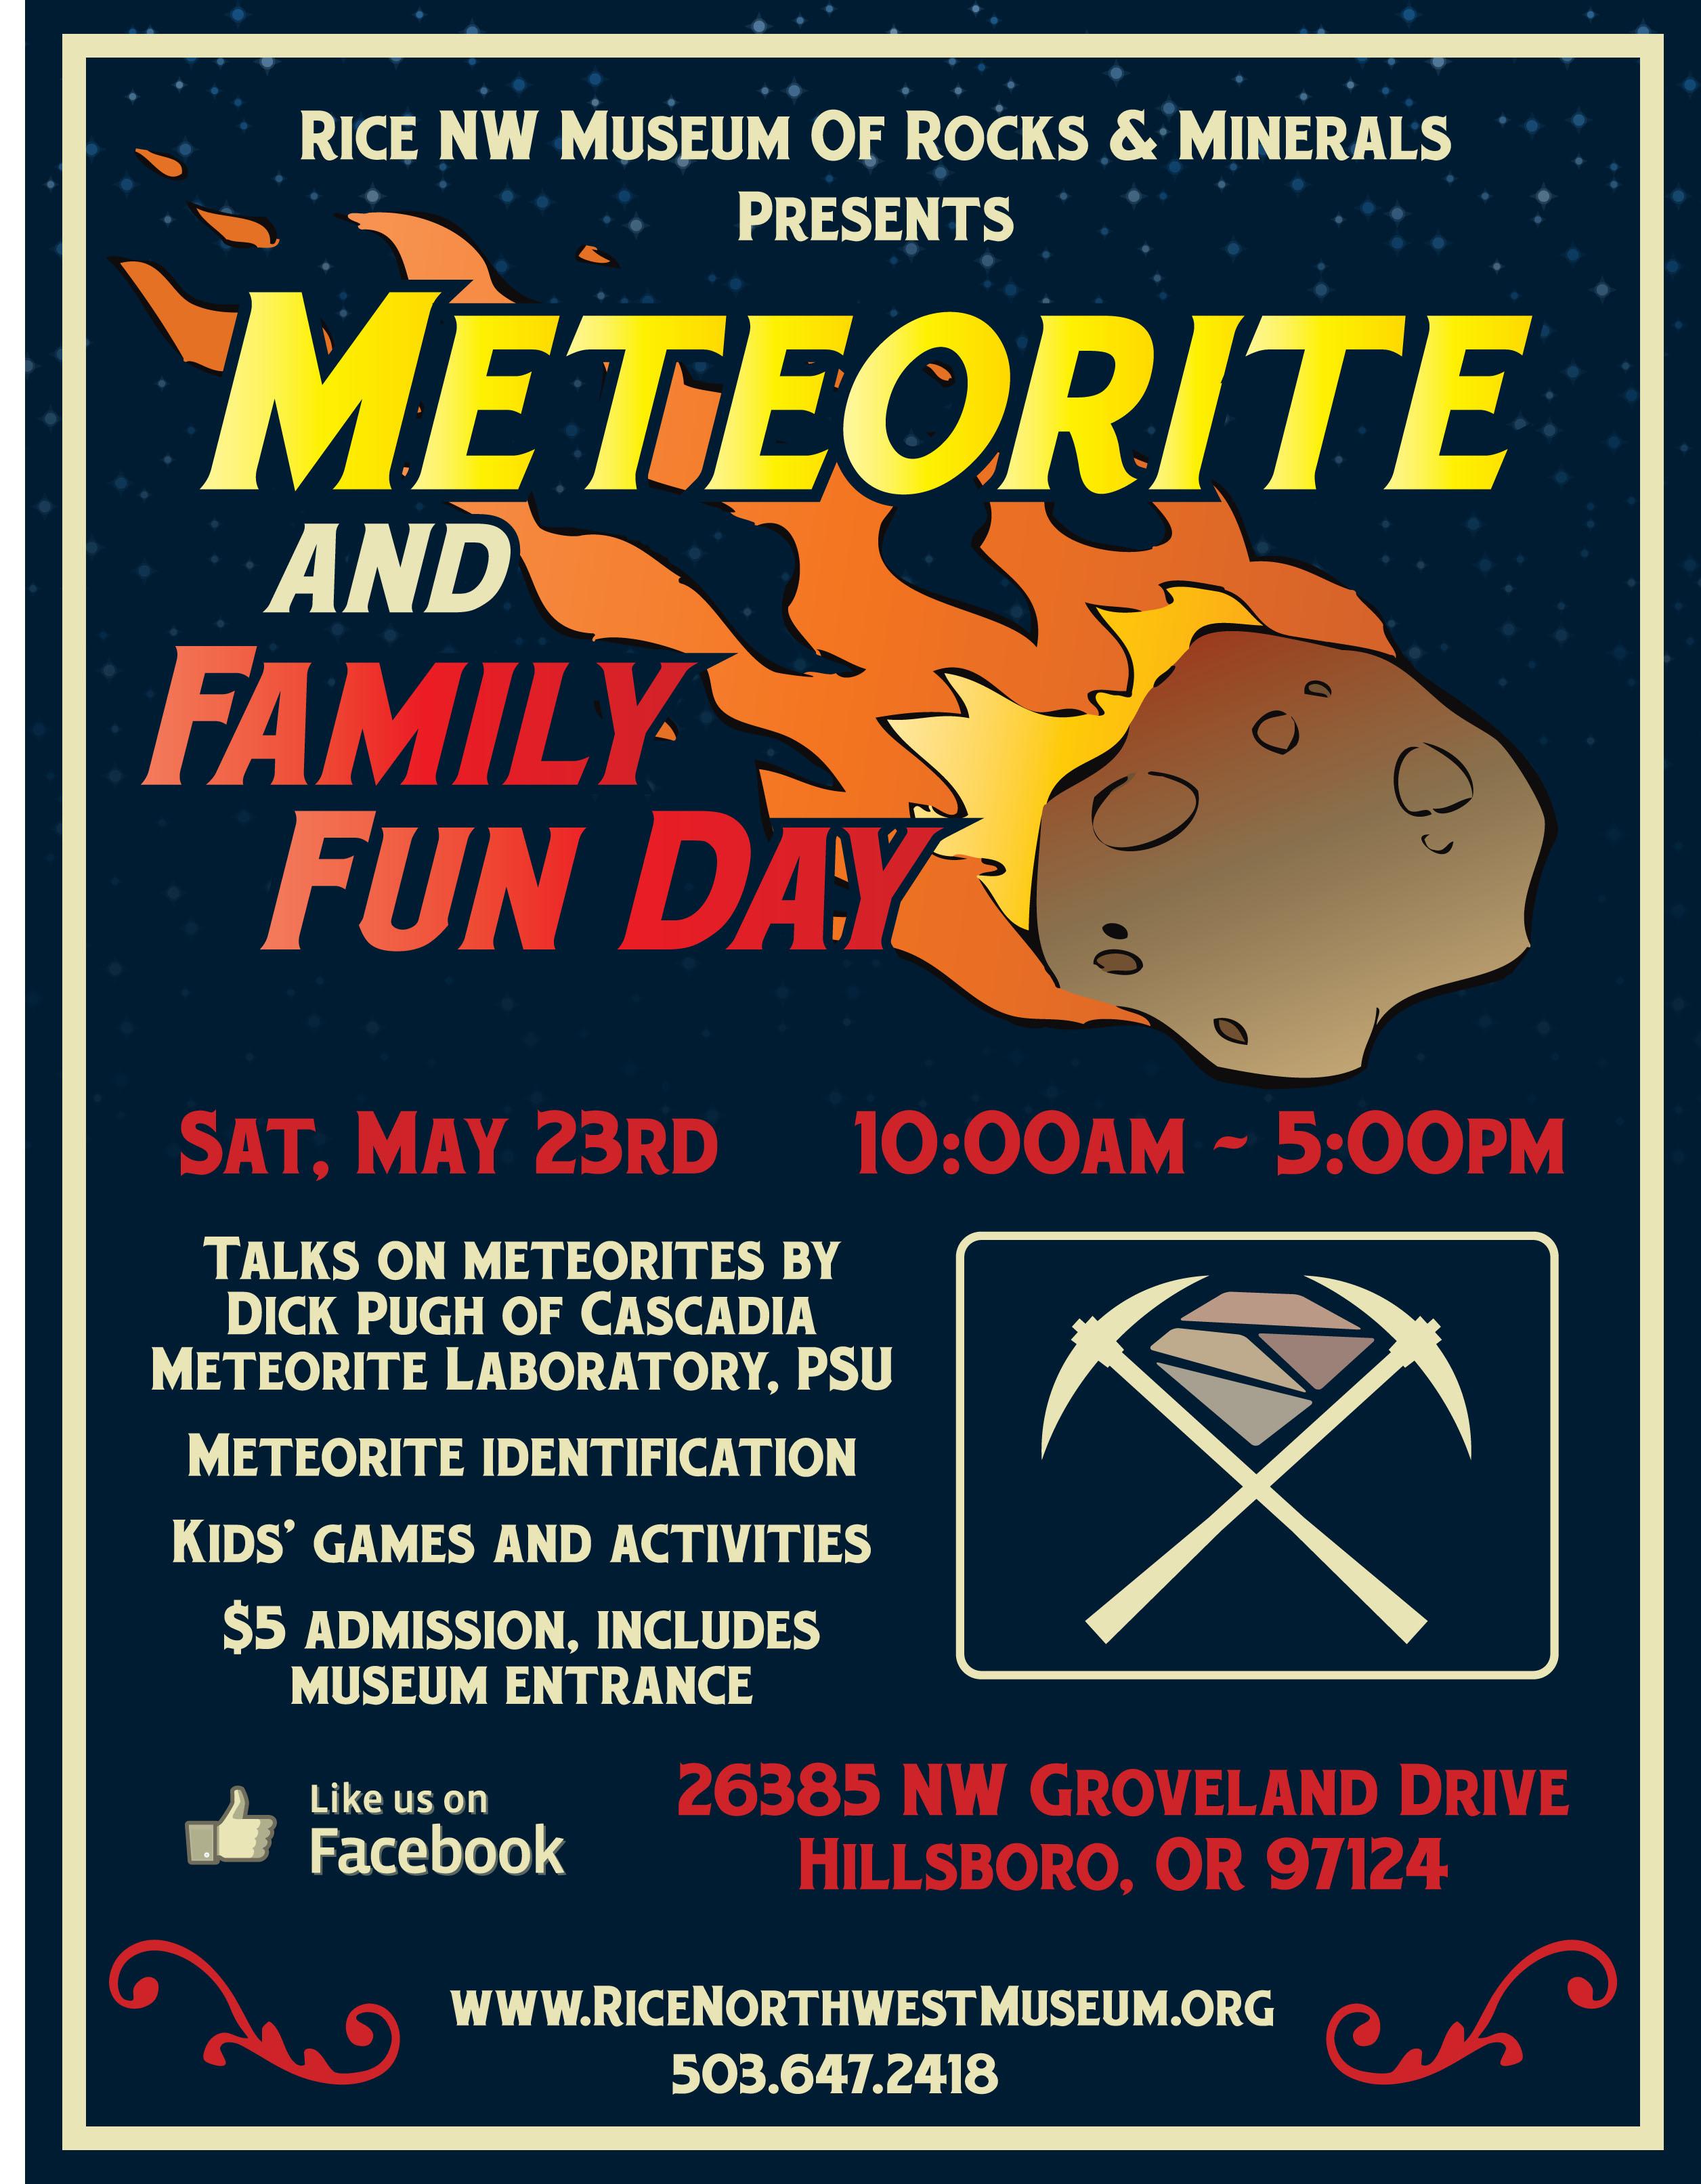 050614A_rice_rock_museum_meteorite_8.5x11_HI